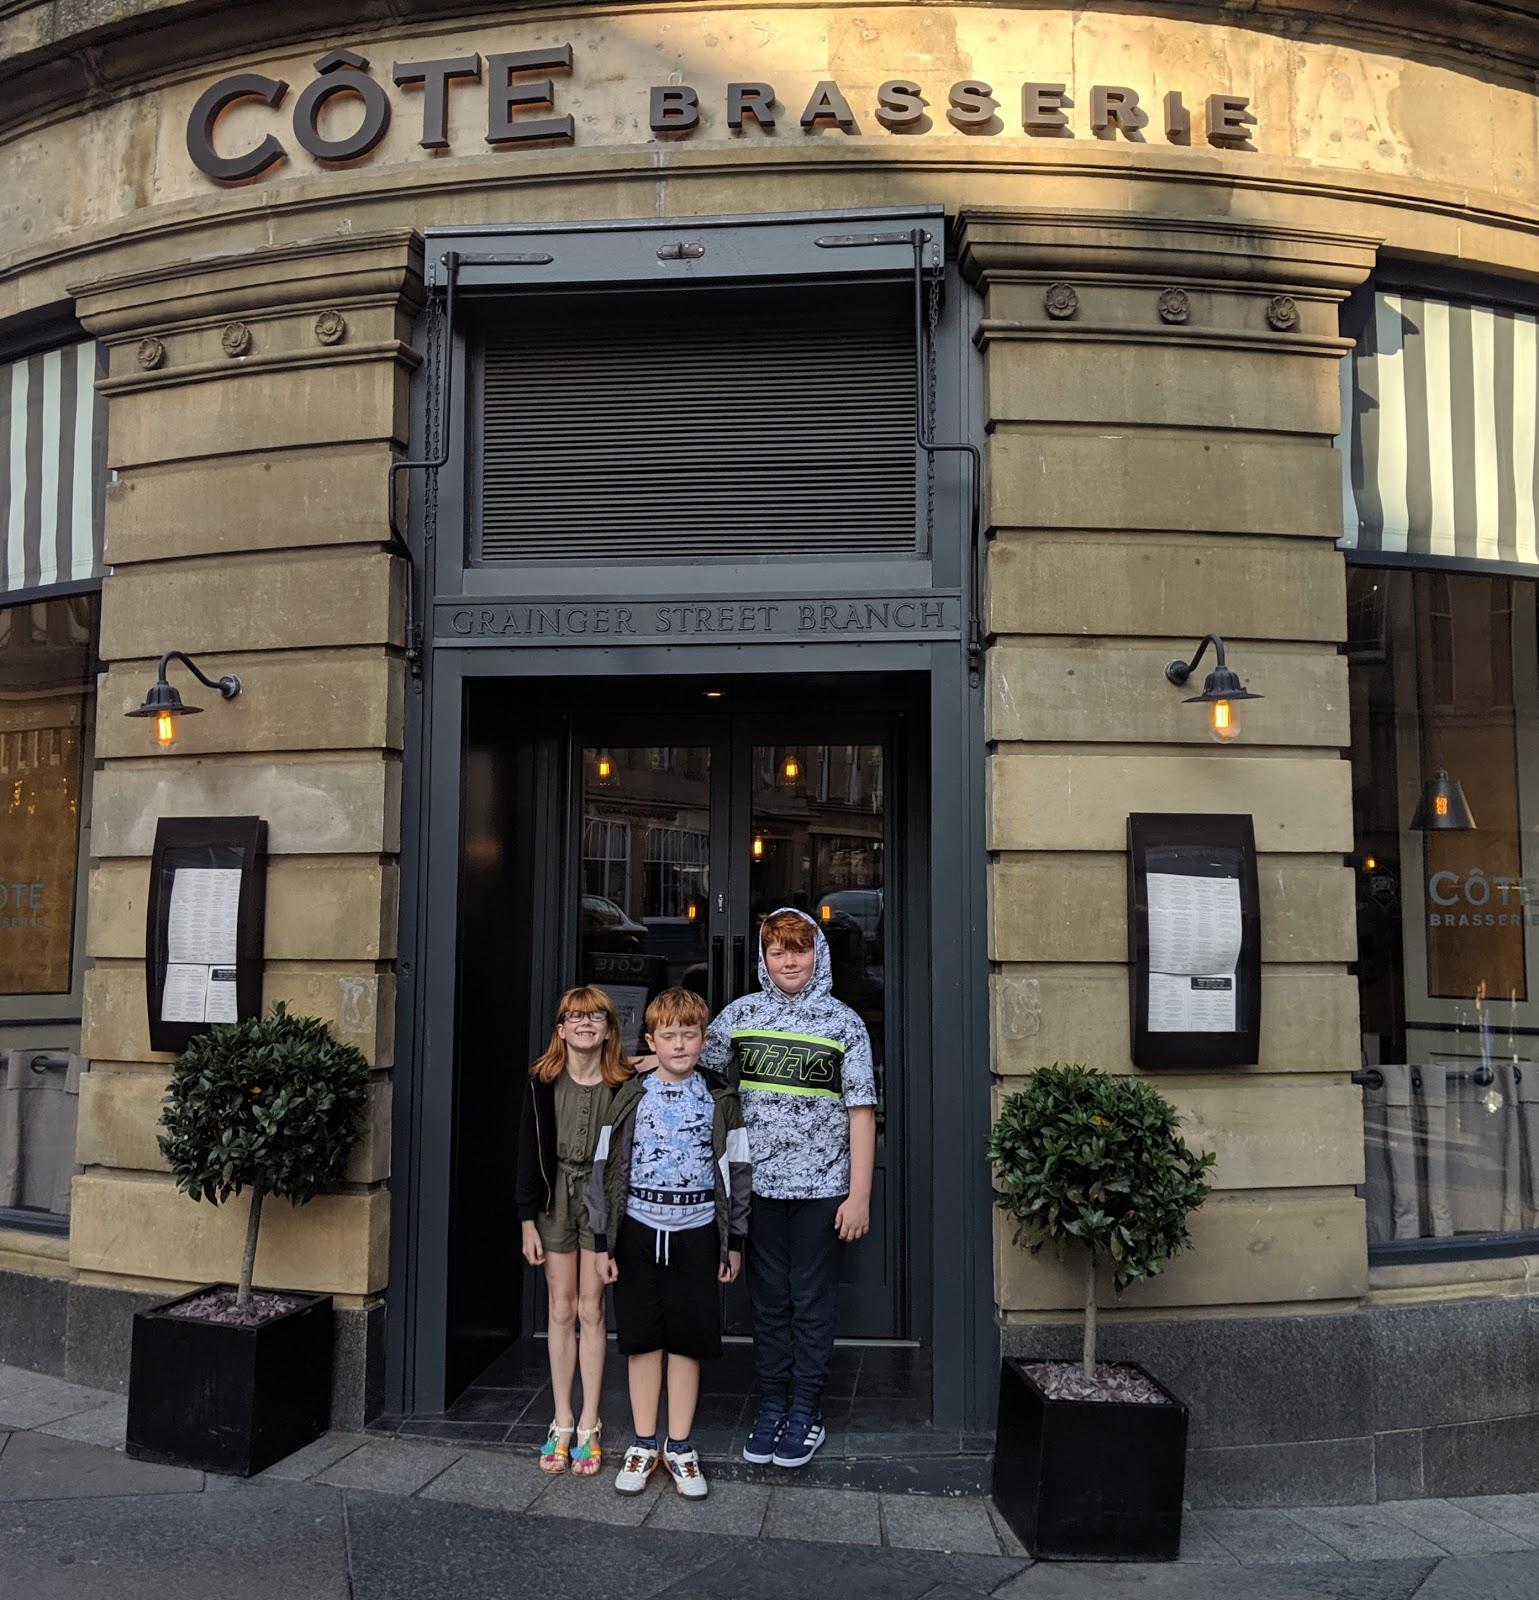 Cote Brasserie Newcastle Childrens Menu